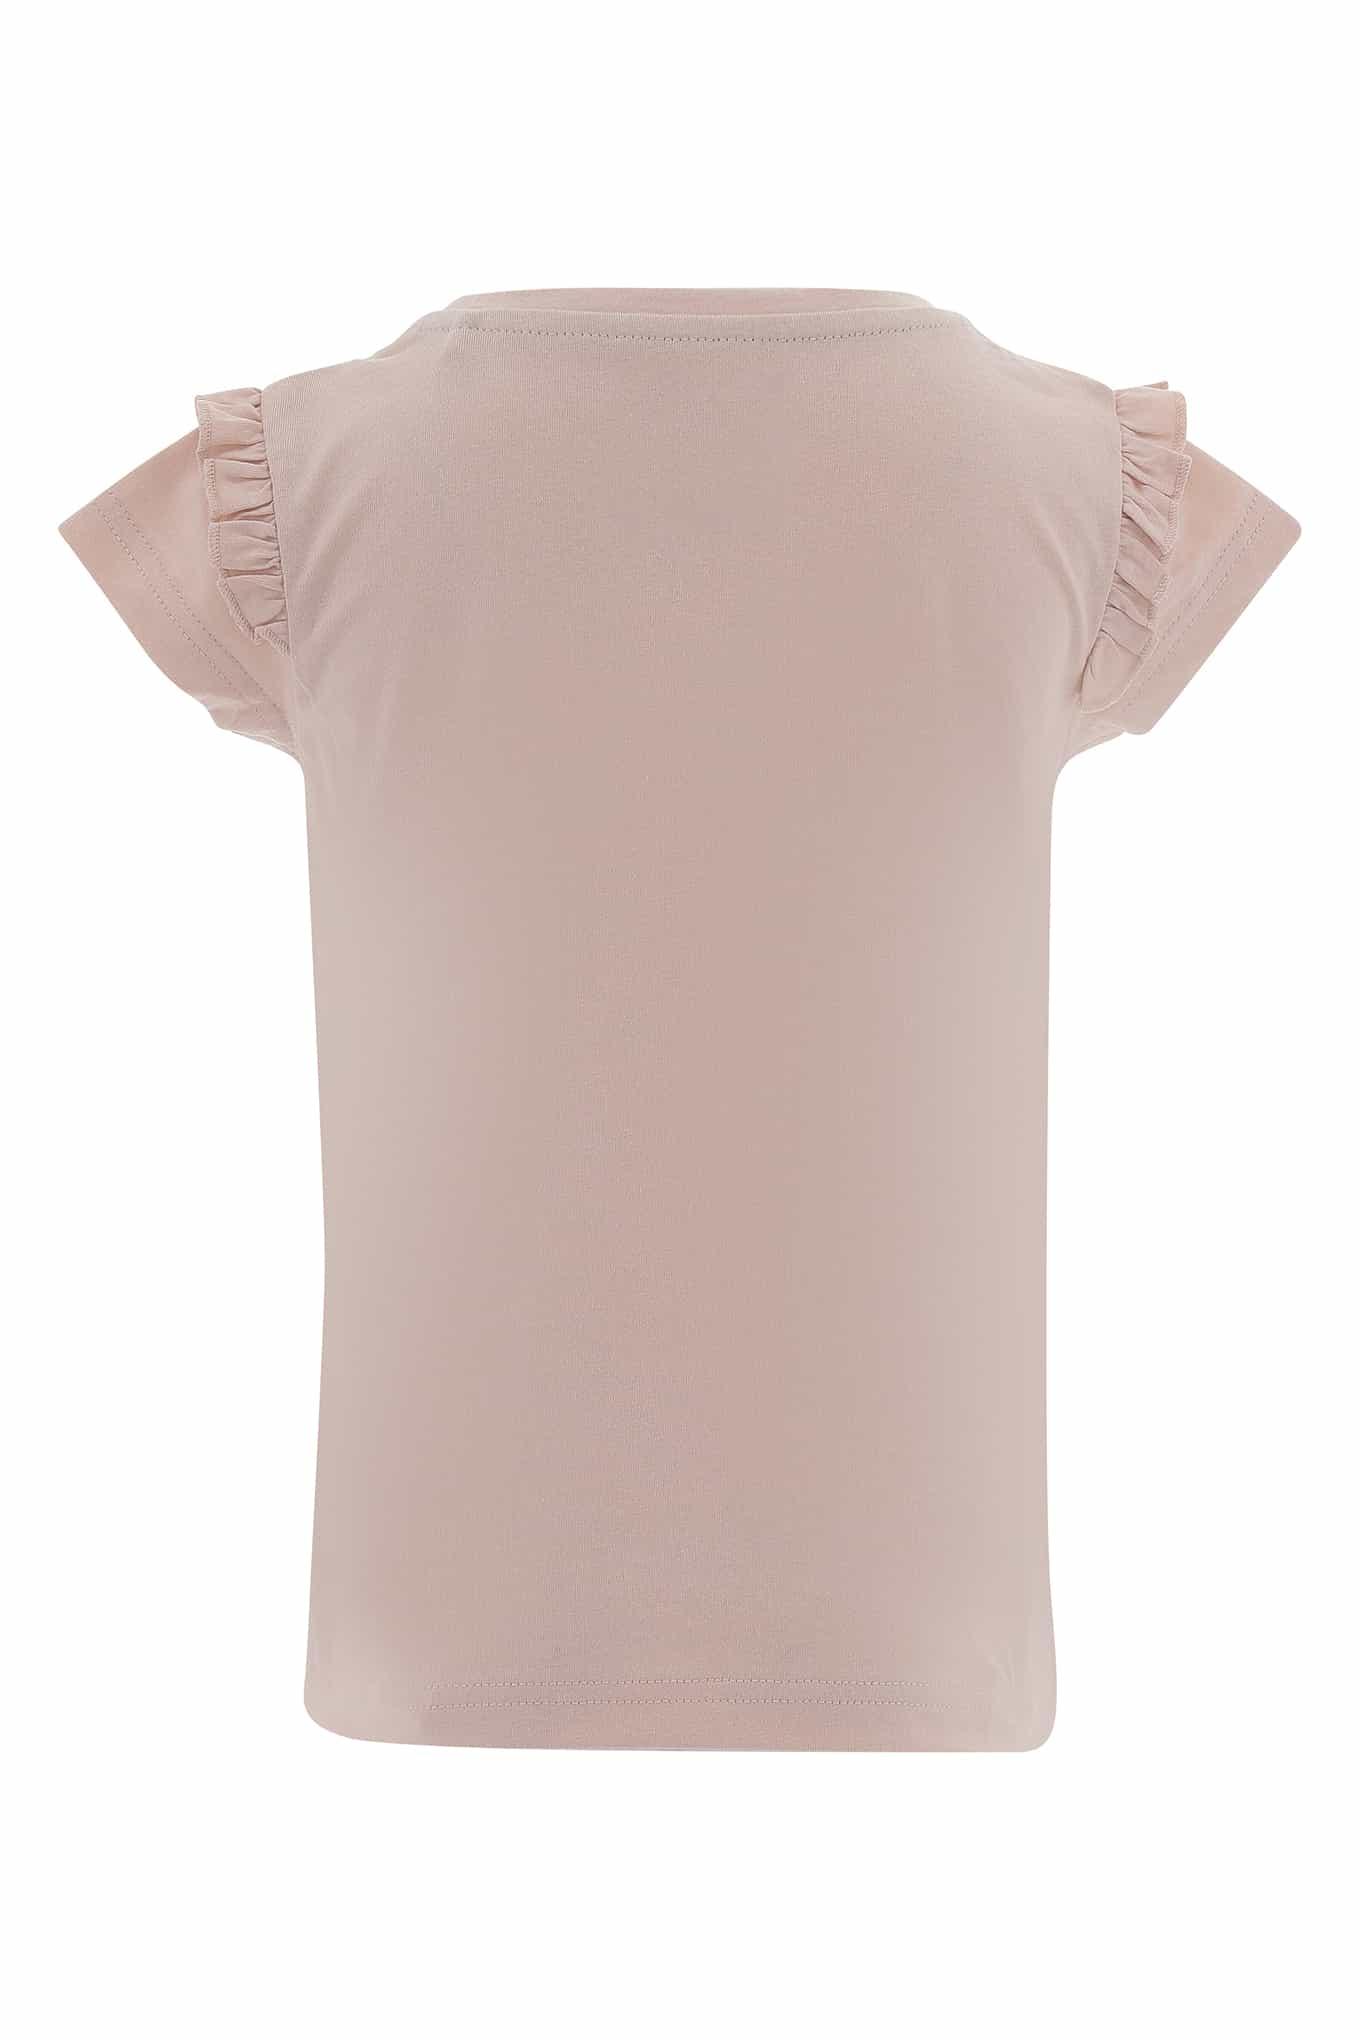 T-Shirt Light Pink Sport Girl